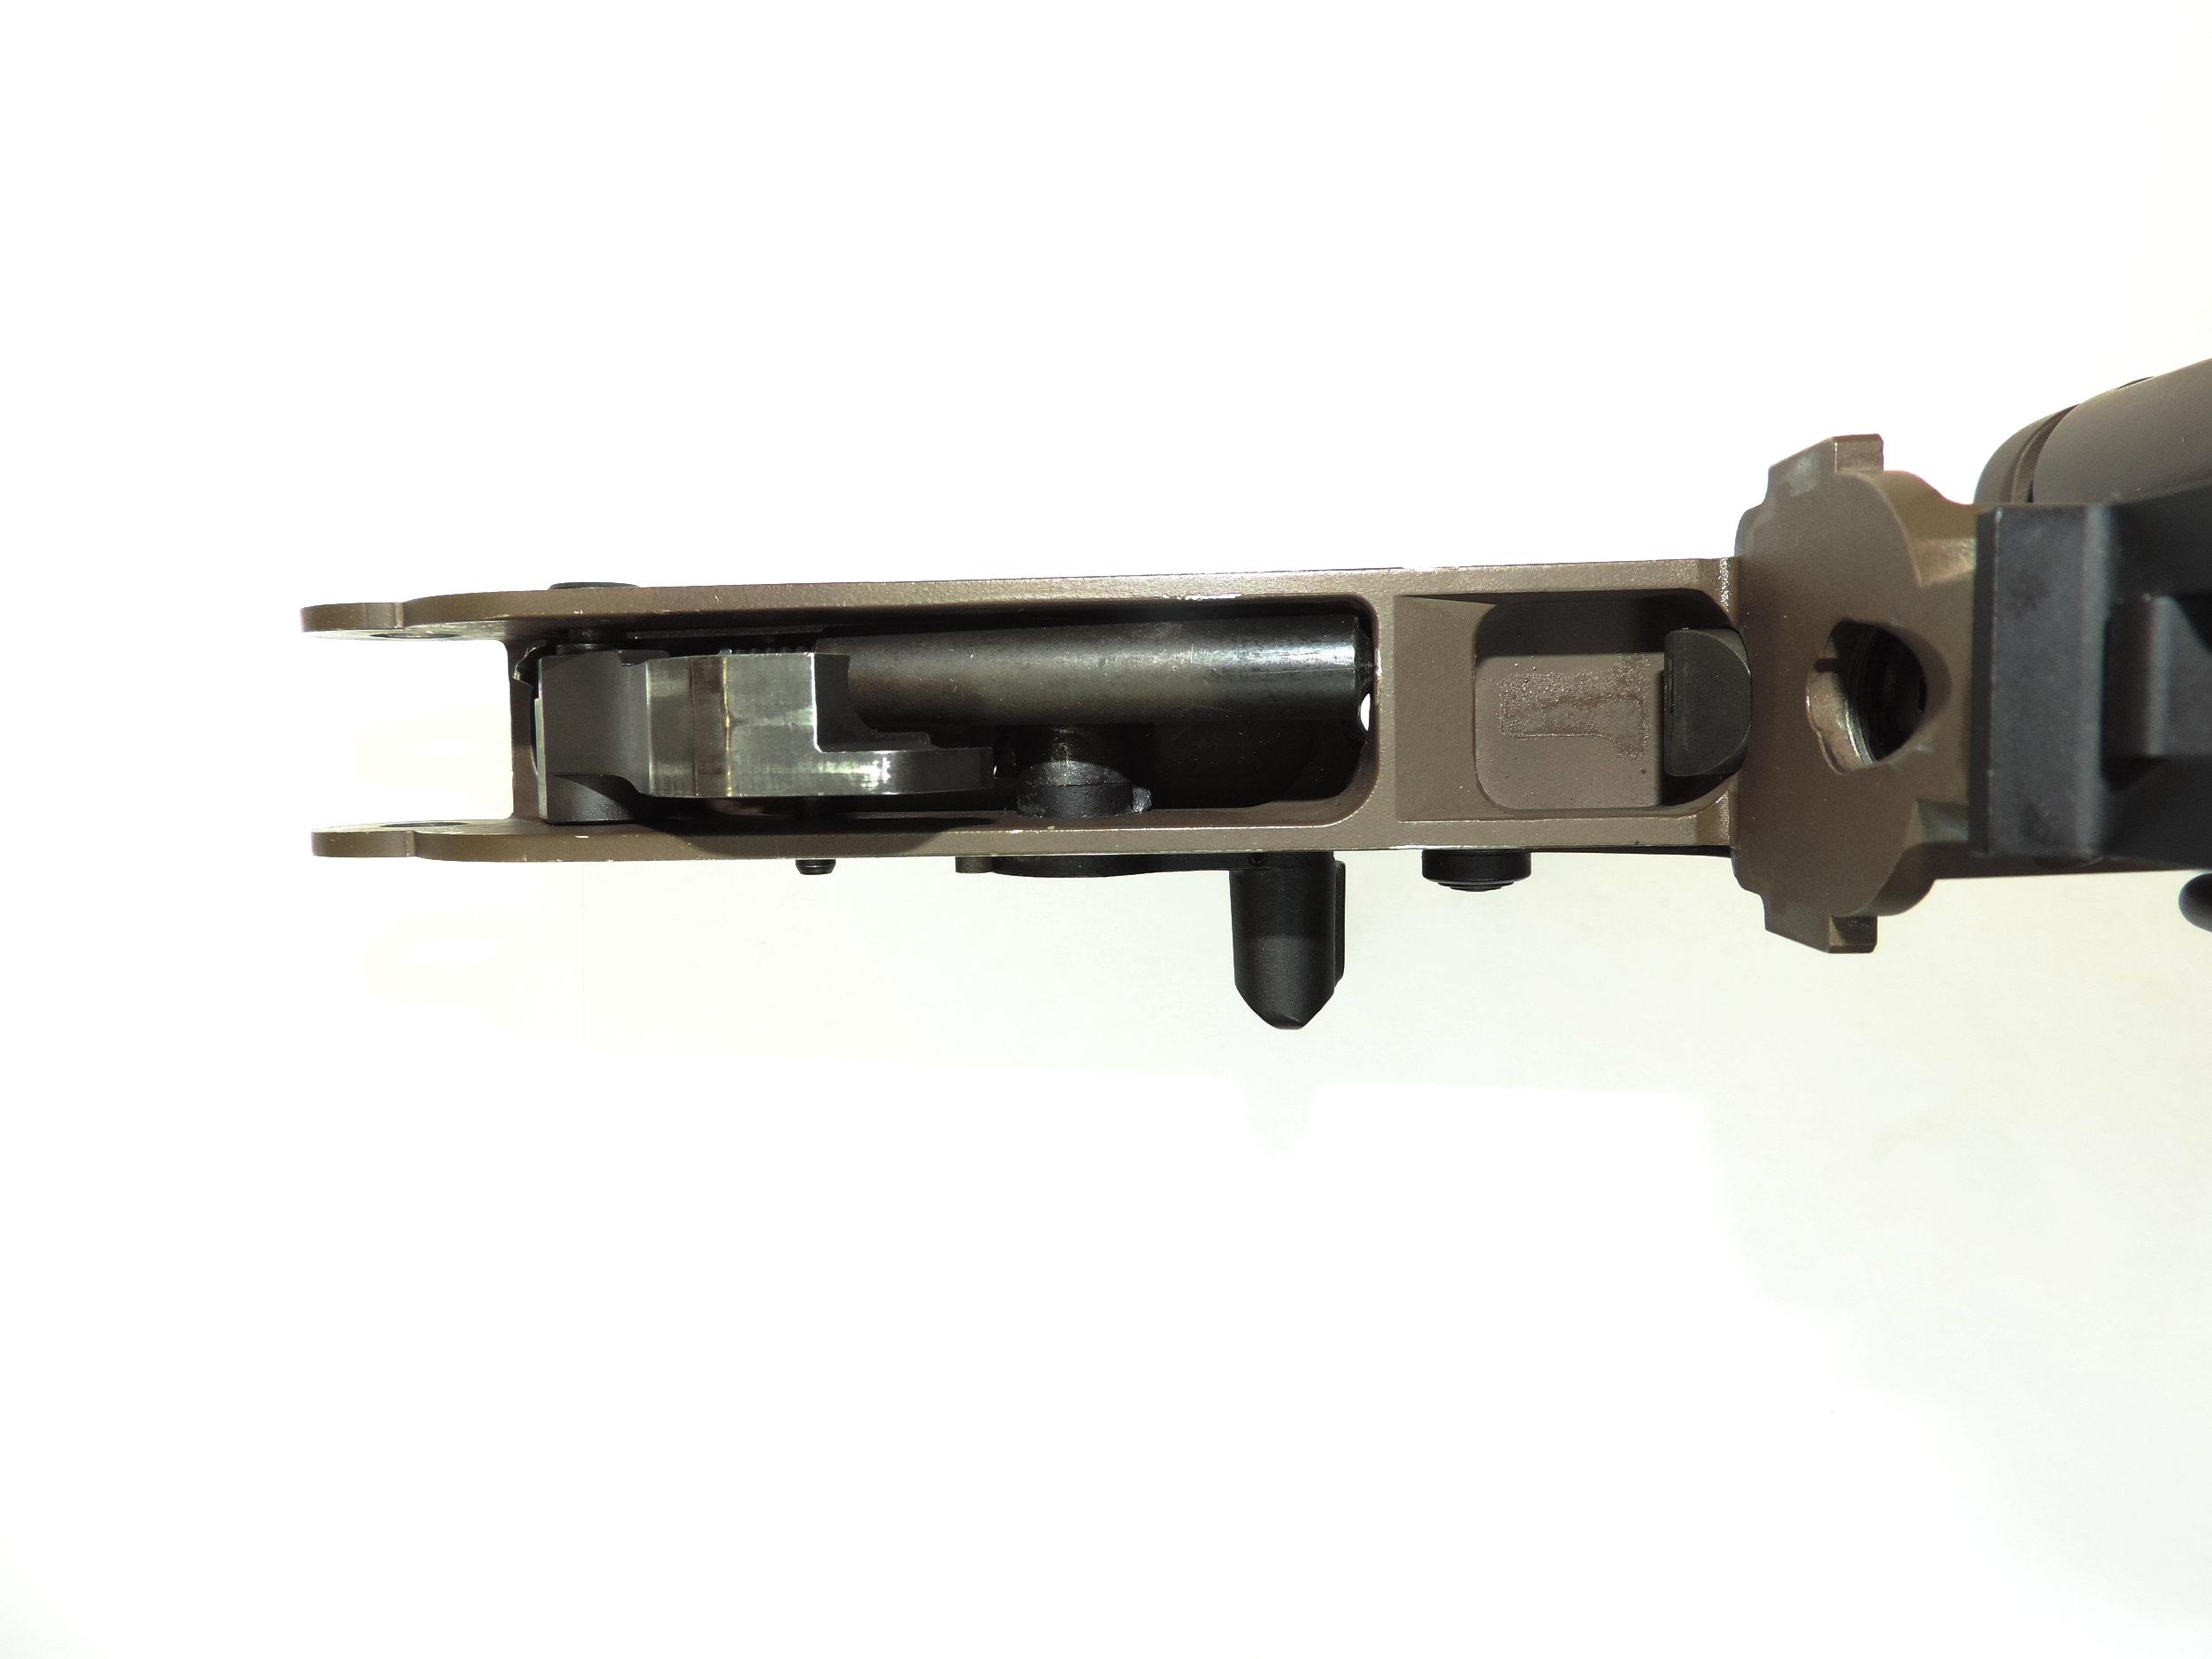 DSCN7132.JPG